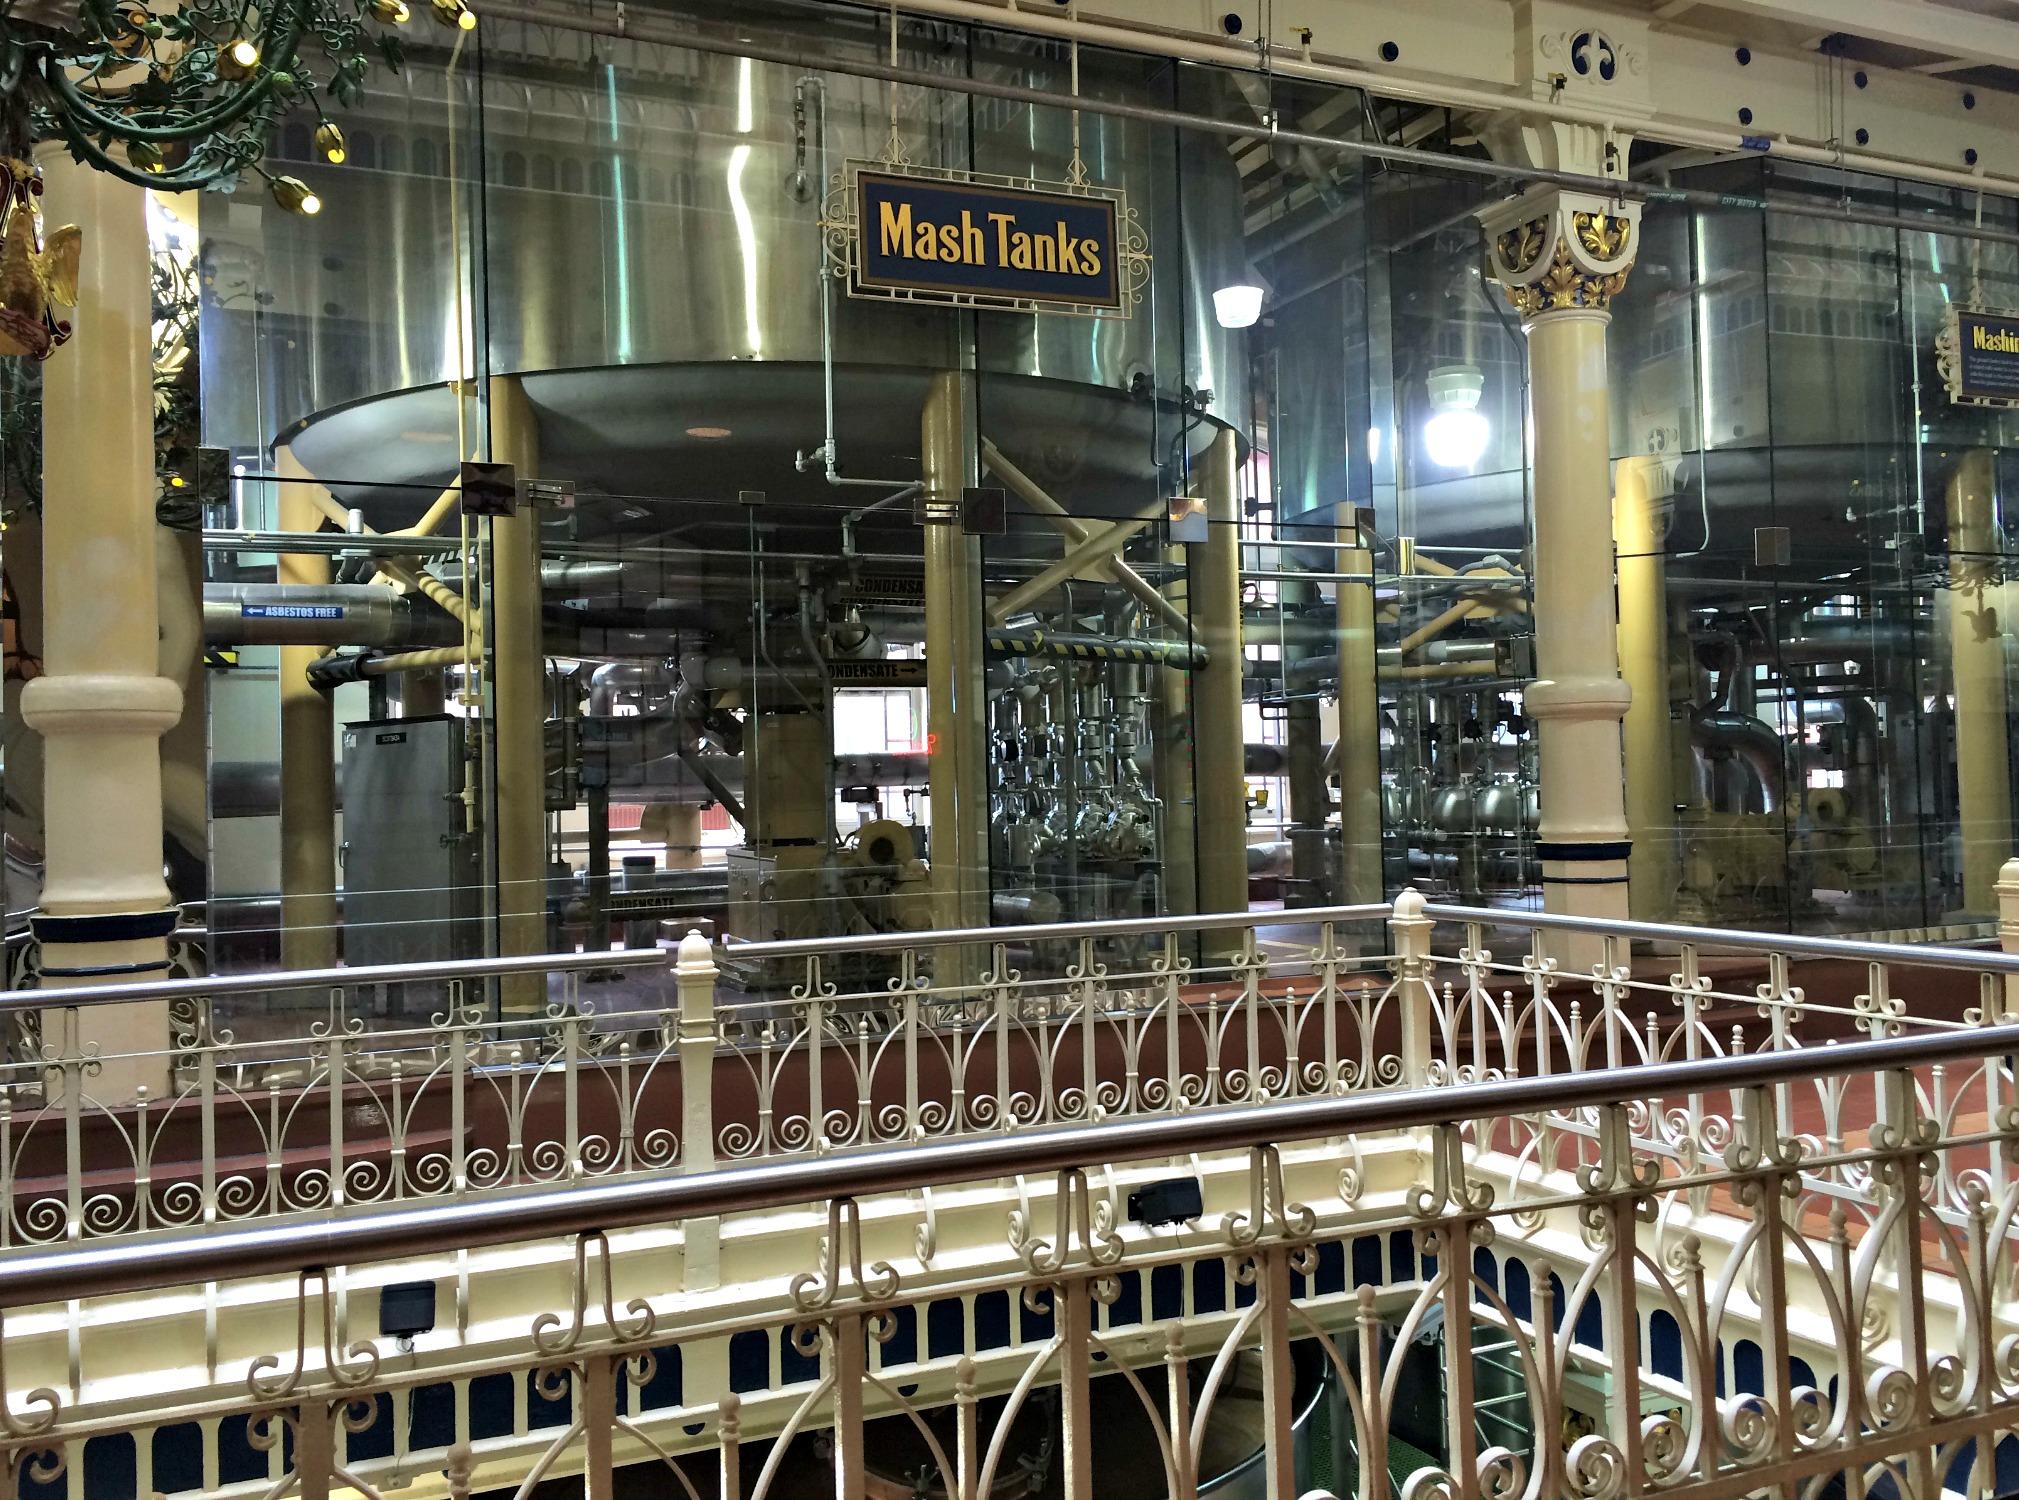 mash tanks at anheiser bush factory